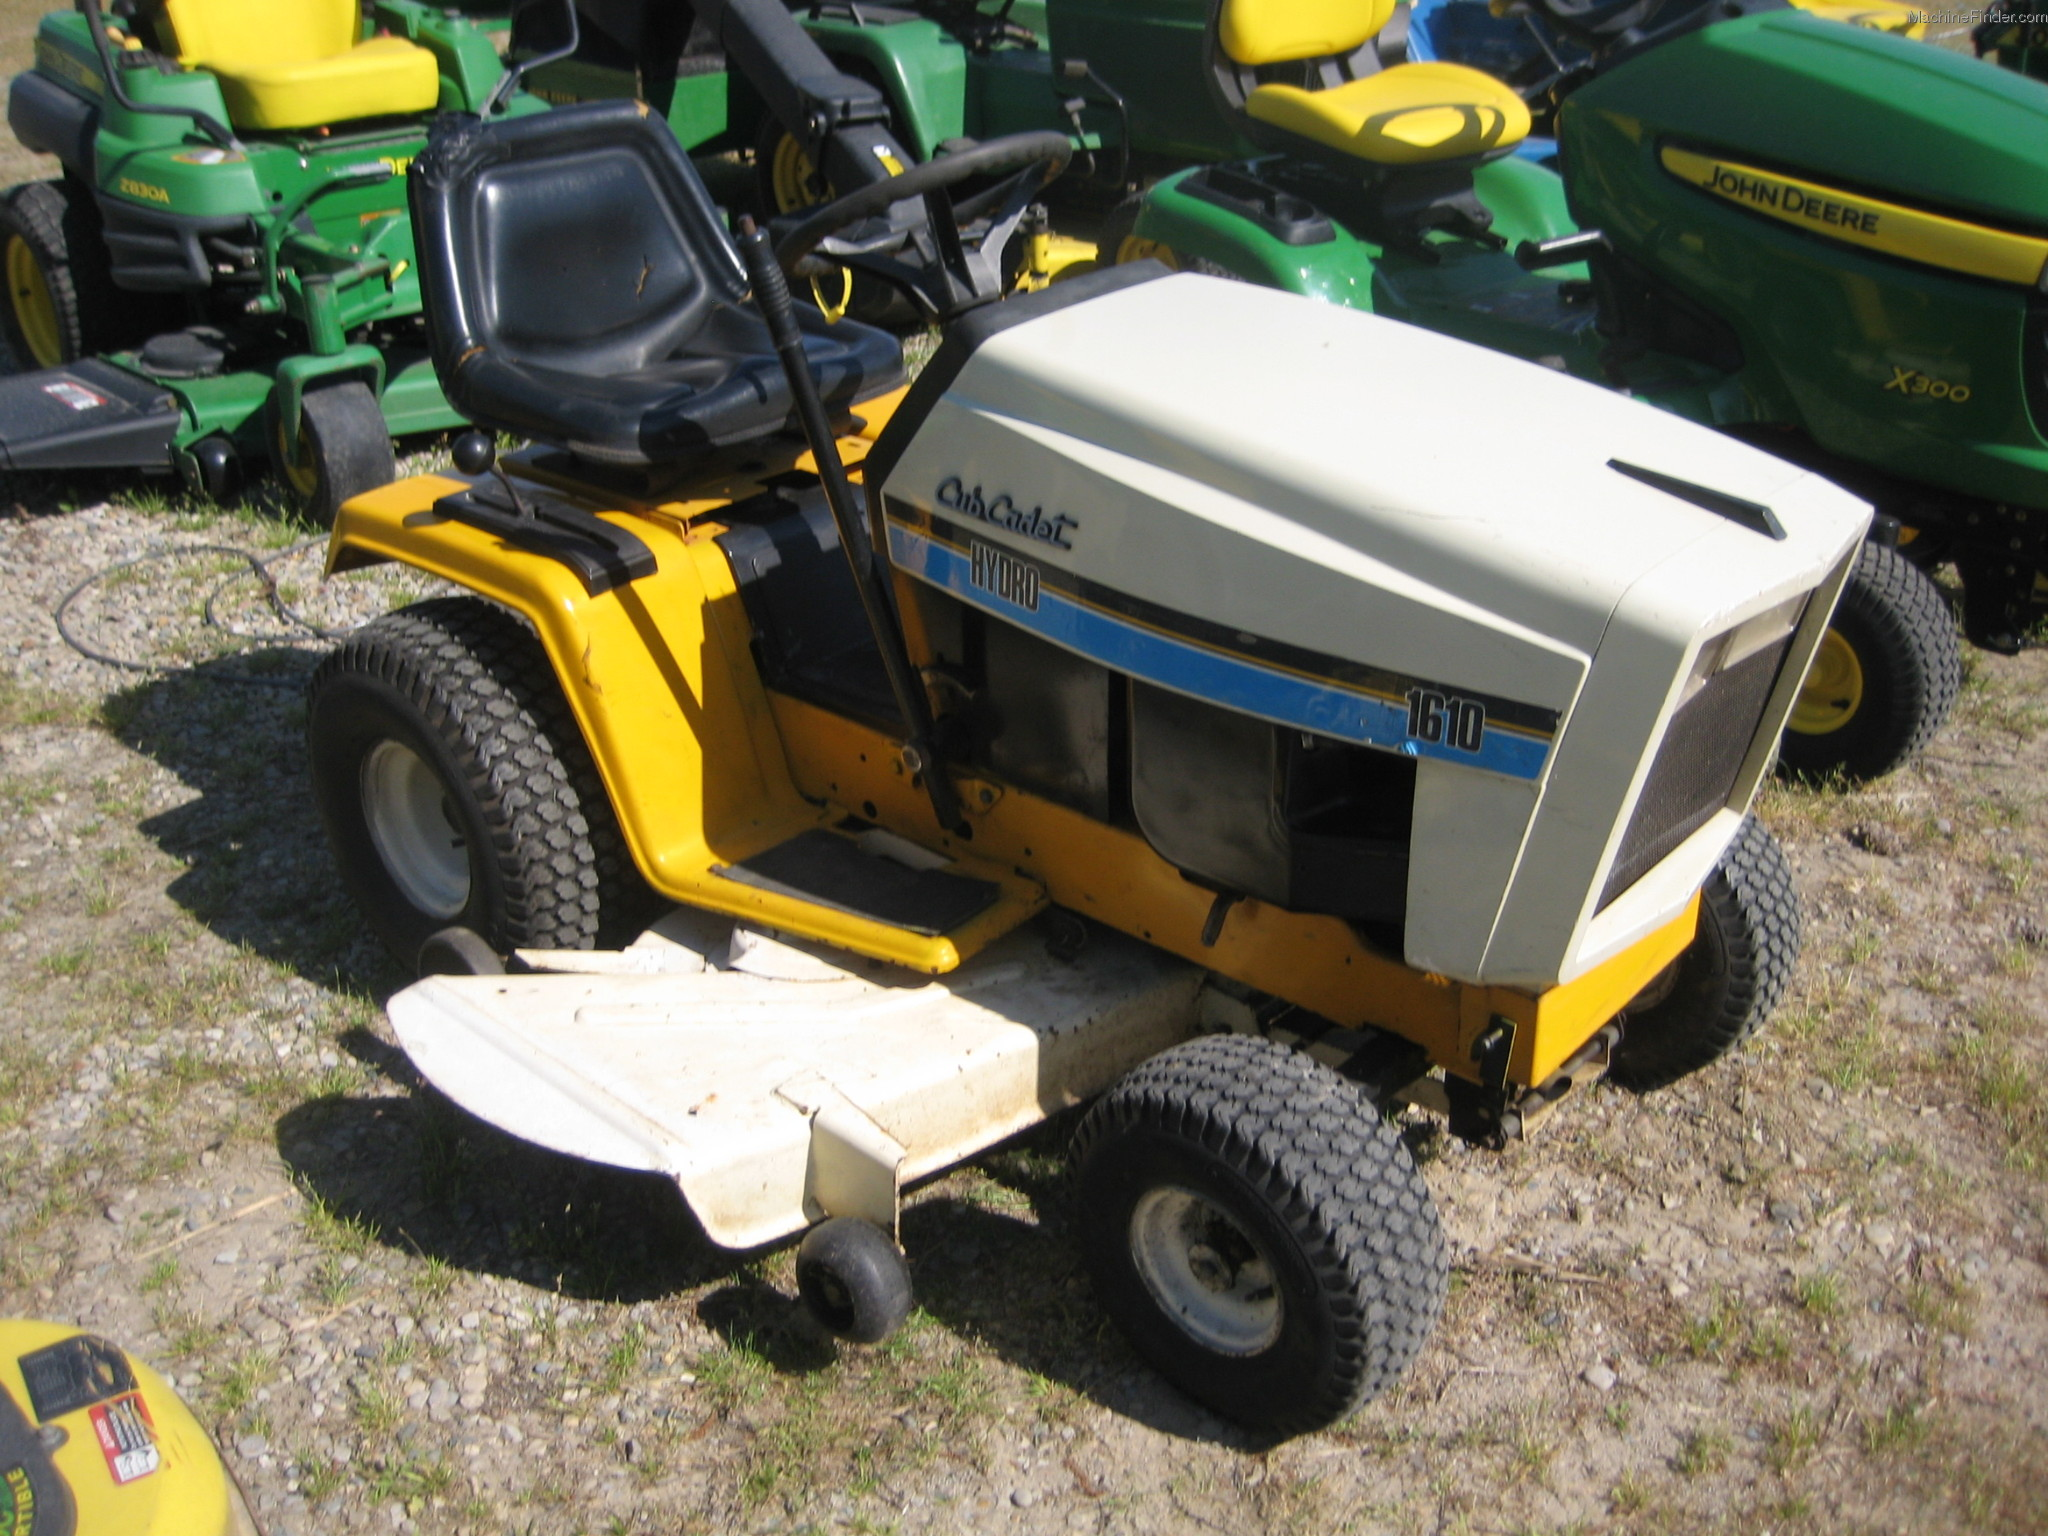 Cub Cadet 169 Lawn Tractor Tractors 1450 Schematic 1610 Garden And Commercial Mowing John Deere